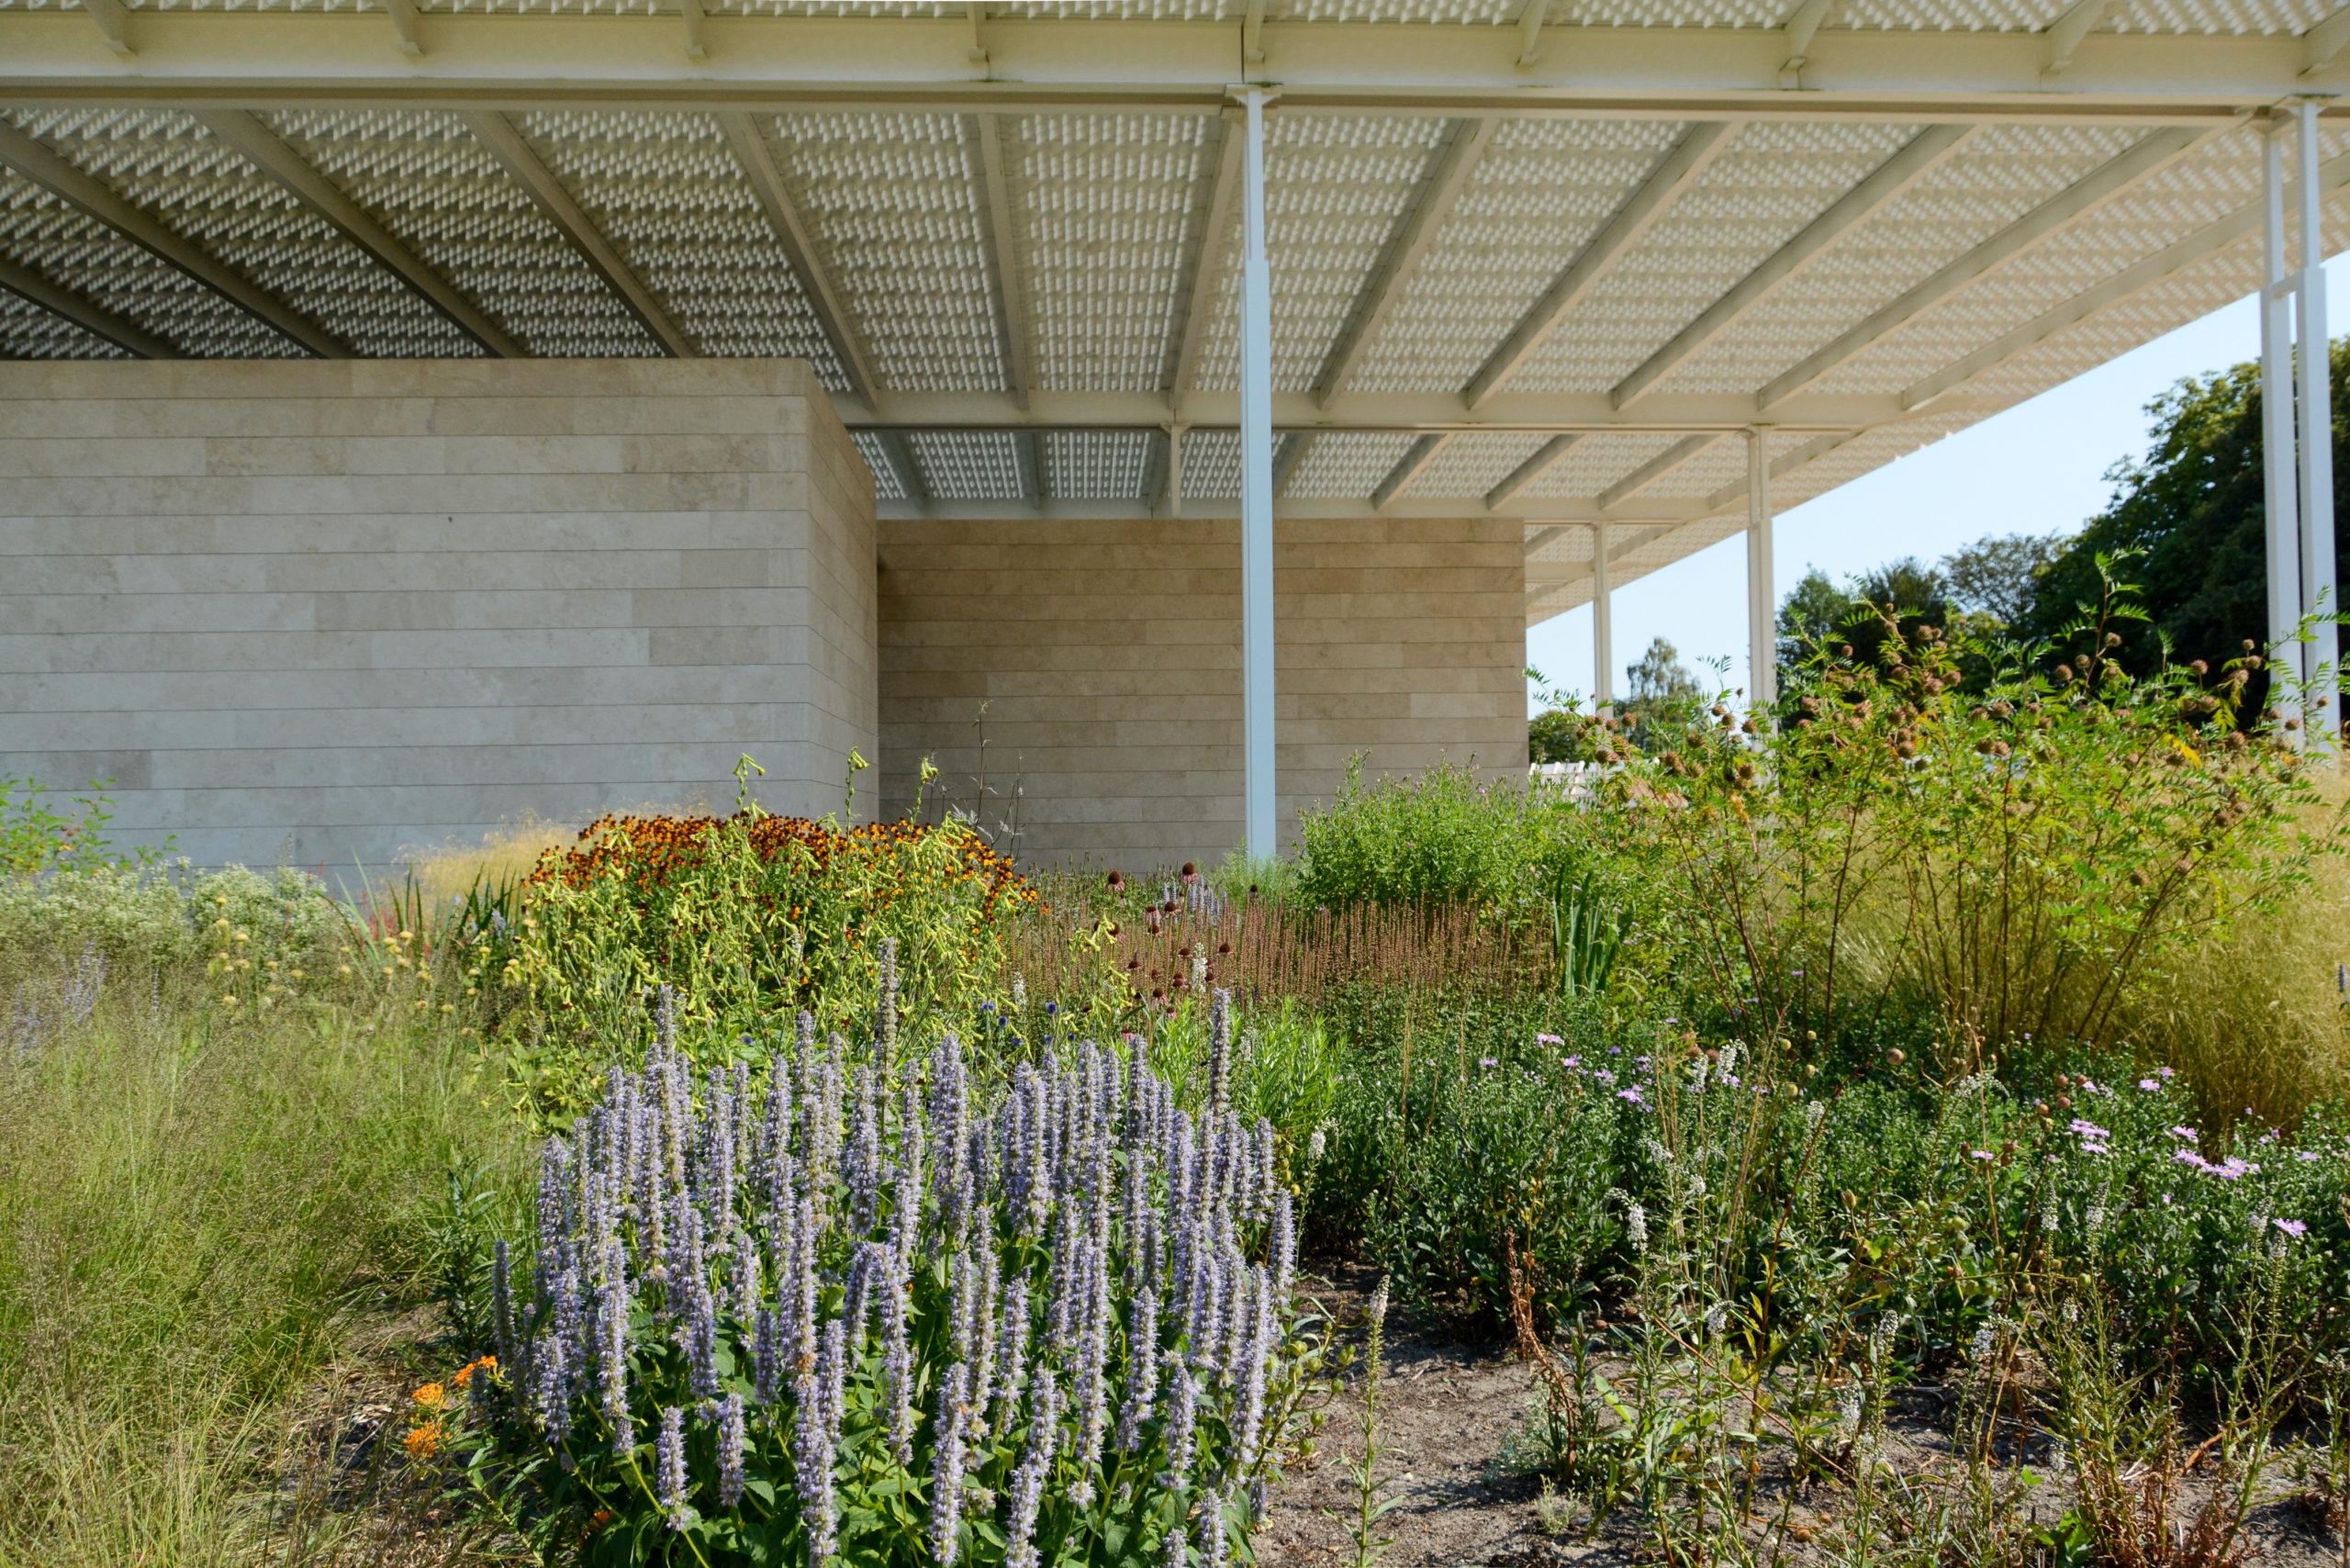 Außengelände des Baus von Dirk Jan Postels mit Lavendel und anderen Gewächsen